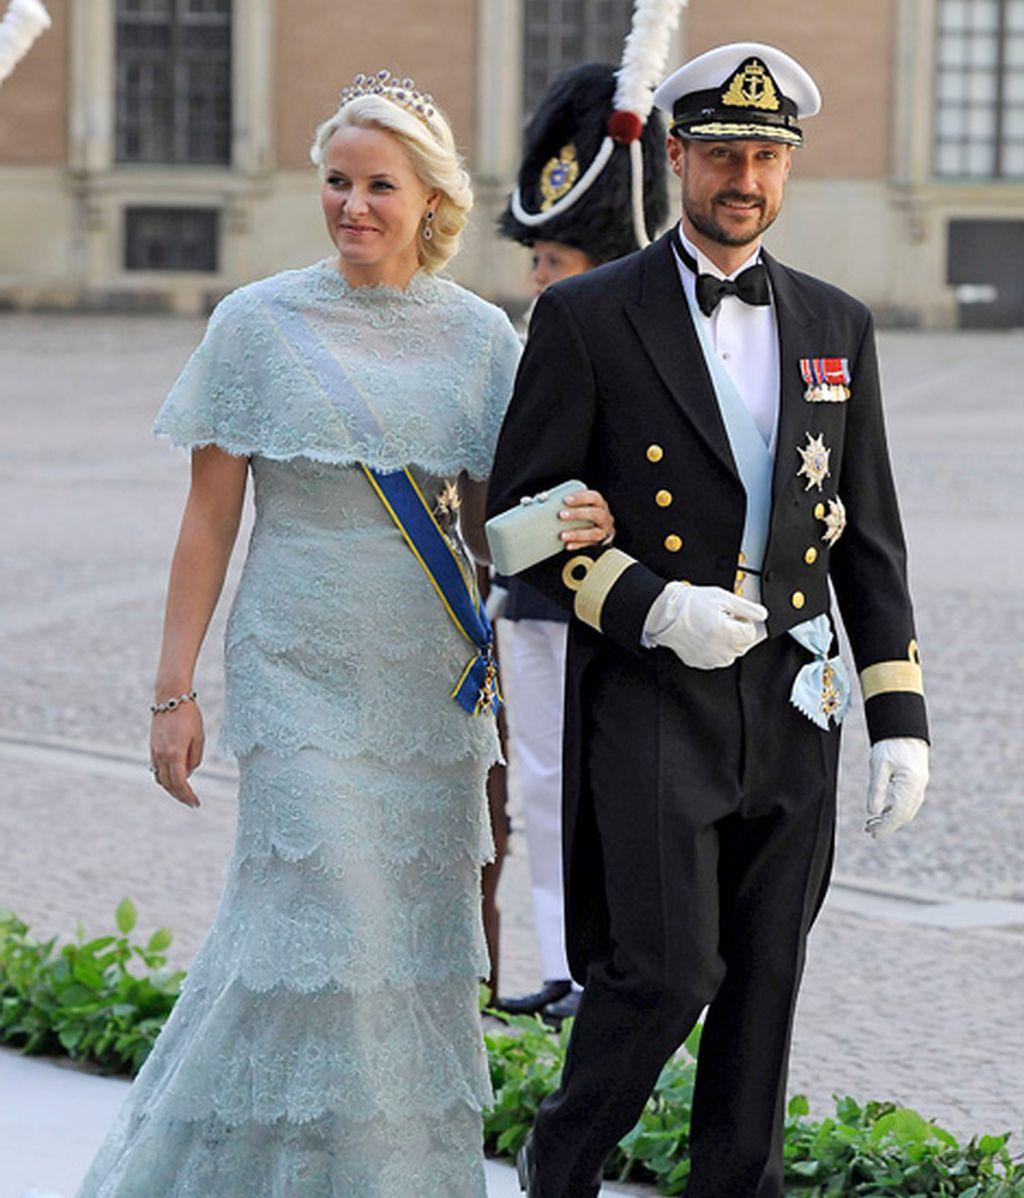 La princesa Mette-Marit y Haakon de Noruega